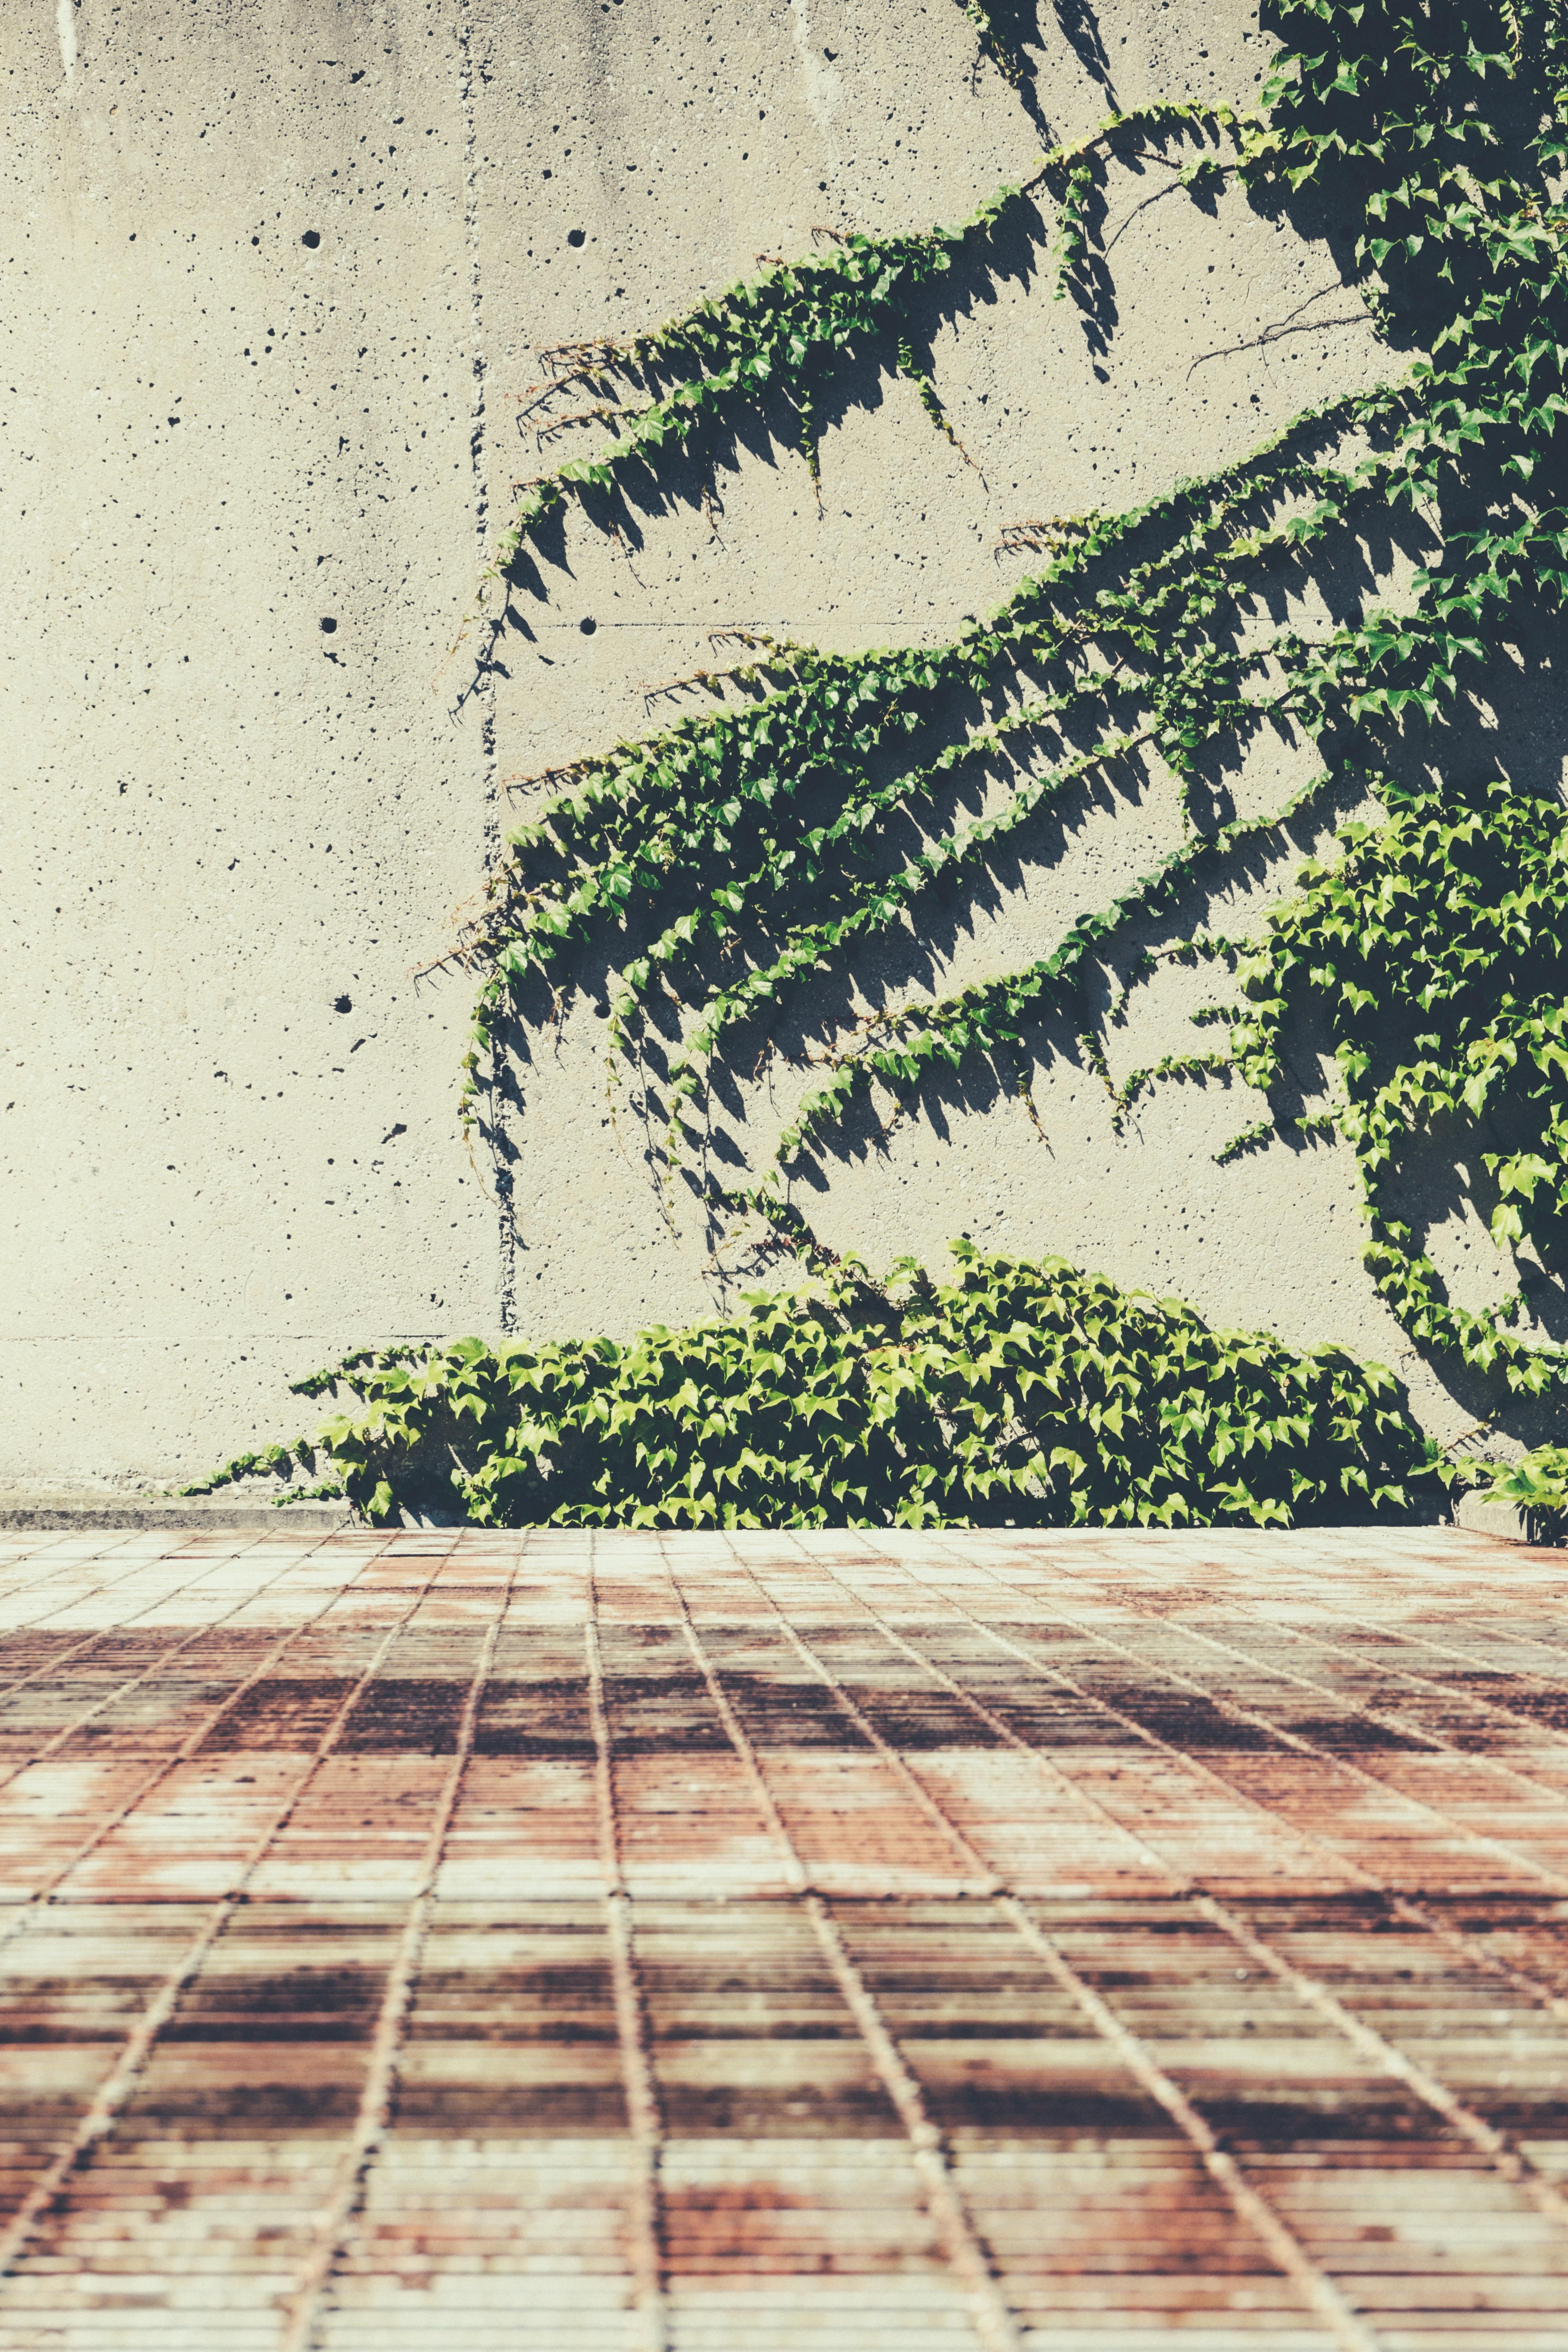 Images Gratuites : arbre, plante, bois, feuille, mur, vert, sol